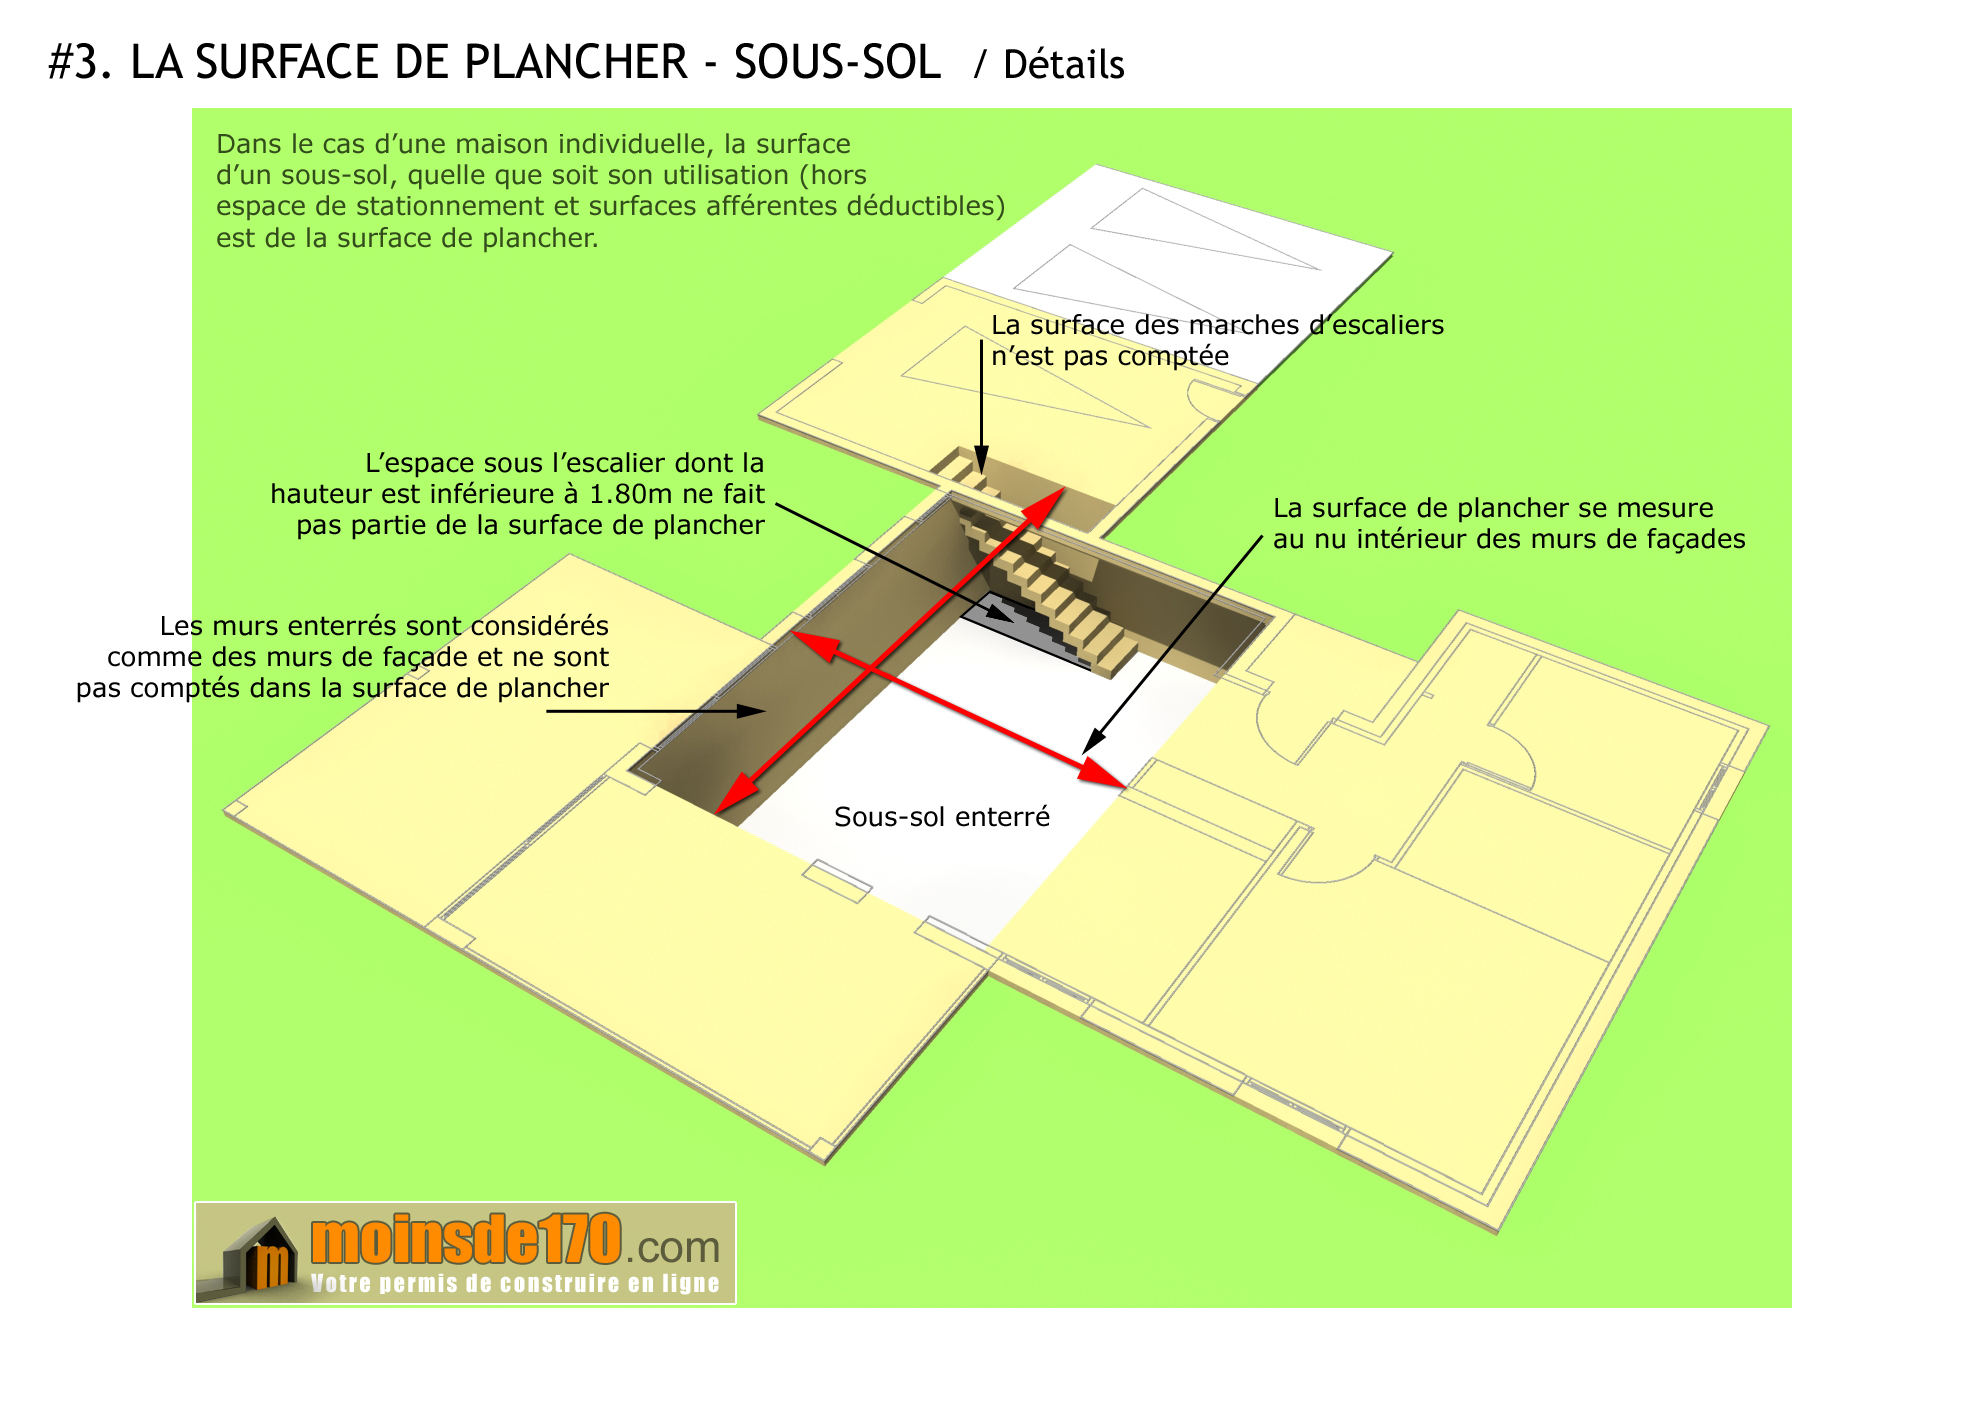 Construire Plancher Abri De Jardin surface de plancher - illustration sur un projet de maison